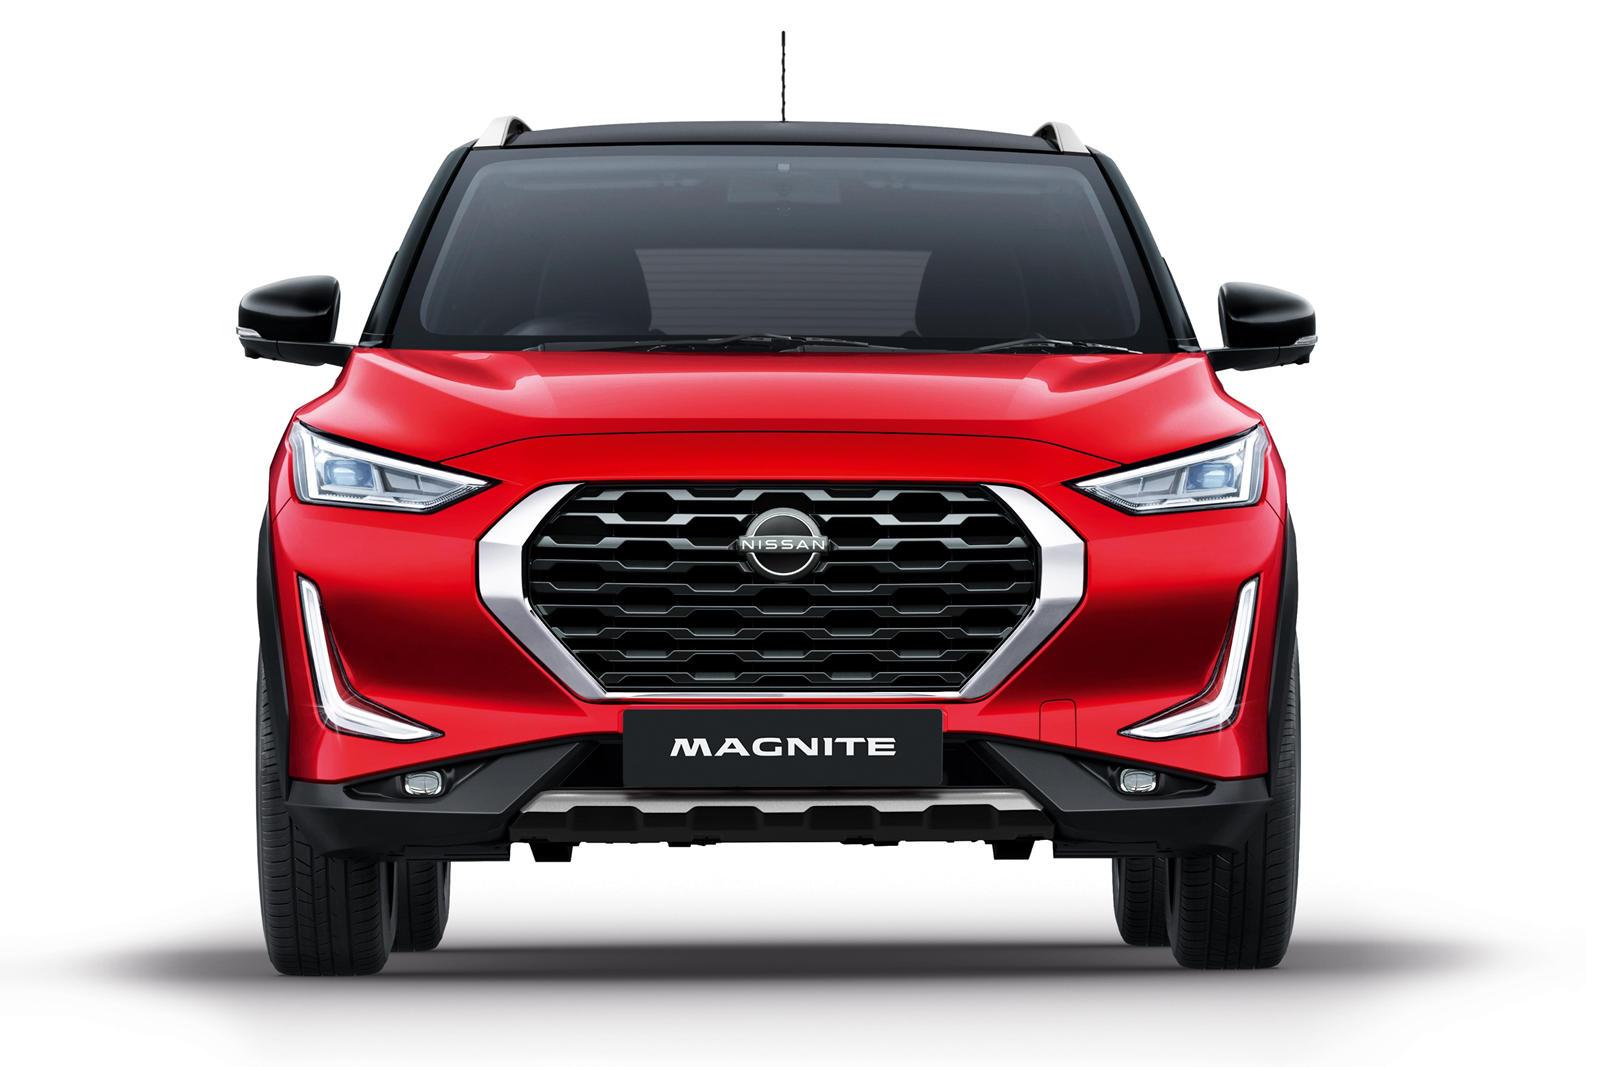 Несмотря на компактный внешний вид, длина автомобиля составляет всего 4 метра, Magnite предлагает удивительно просторный салон.